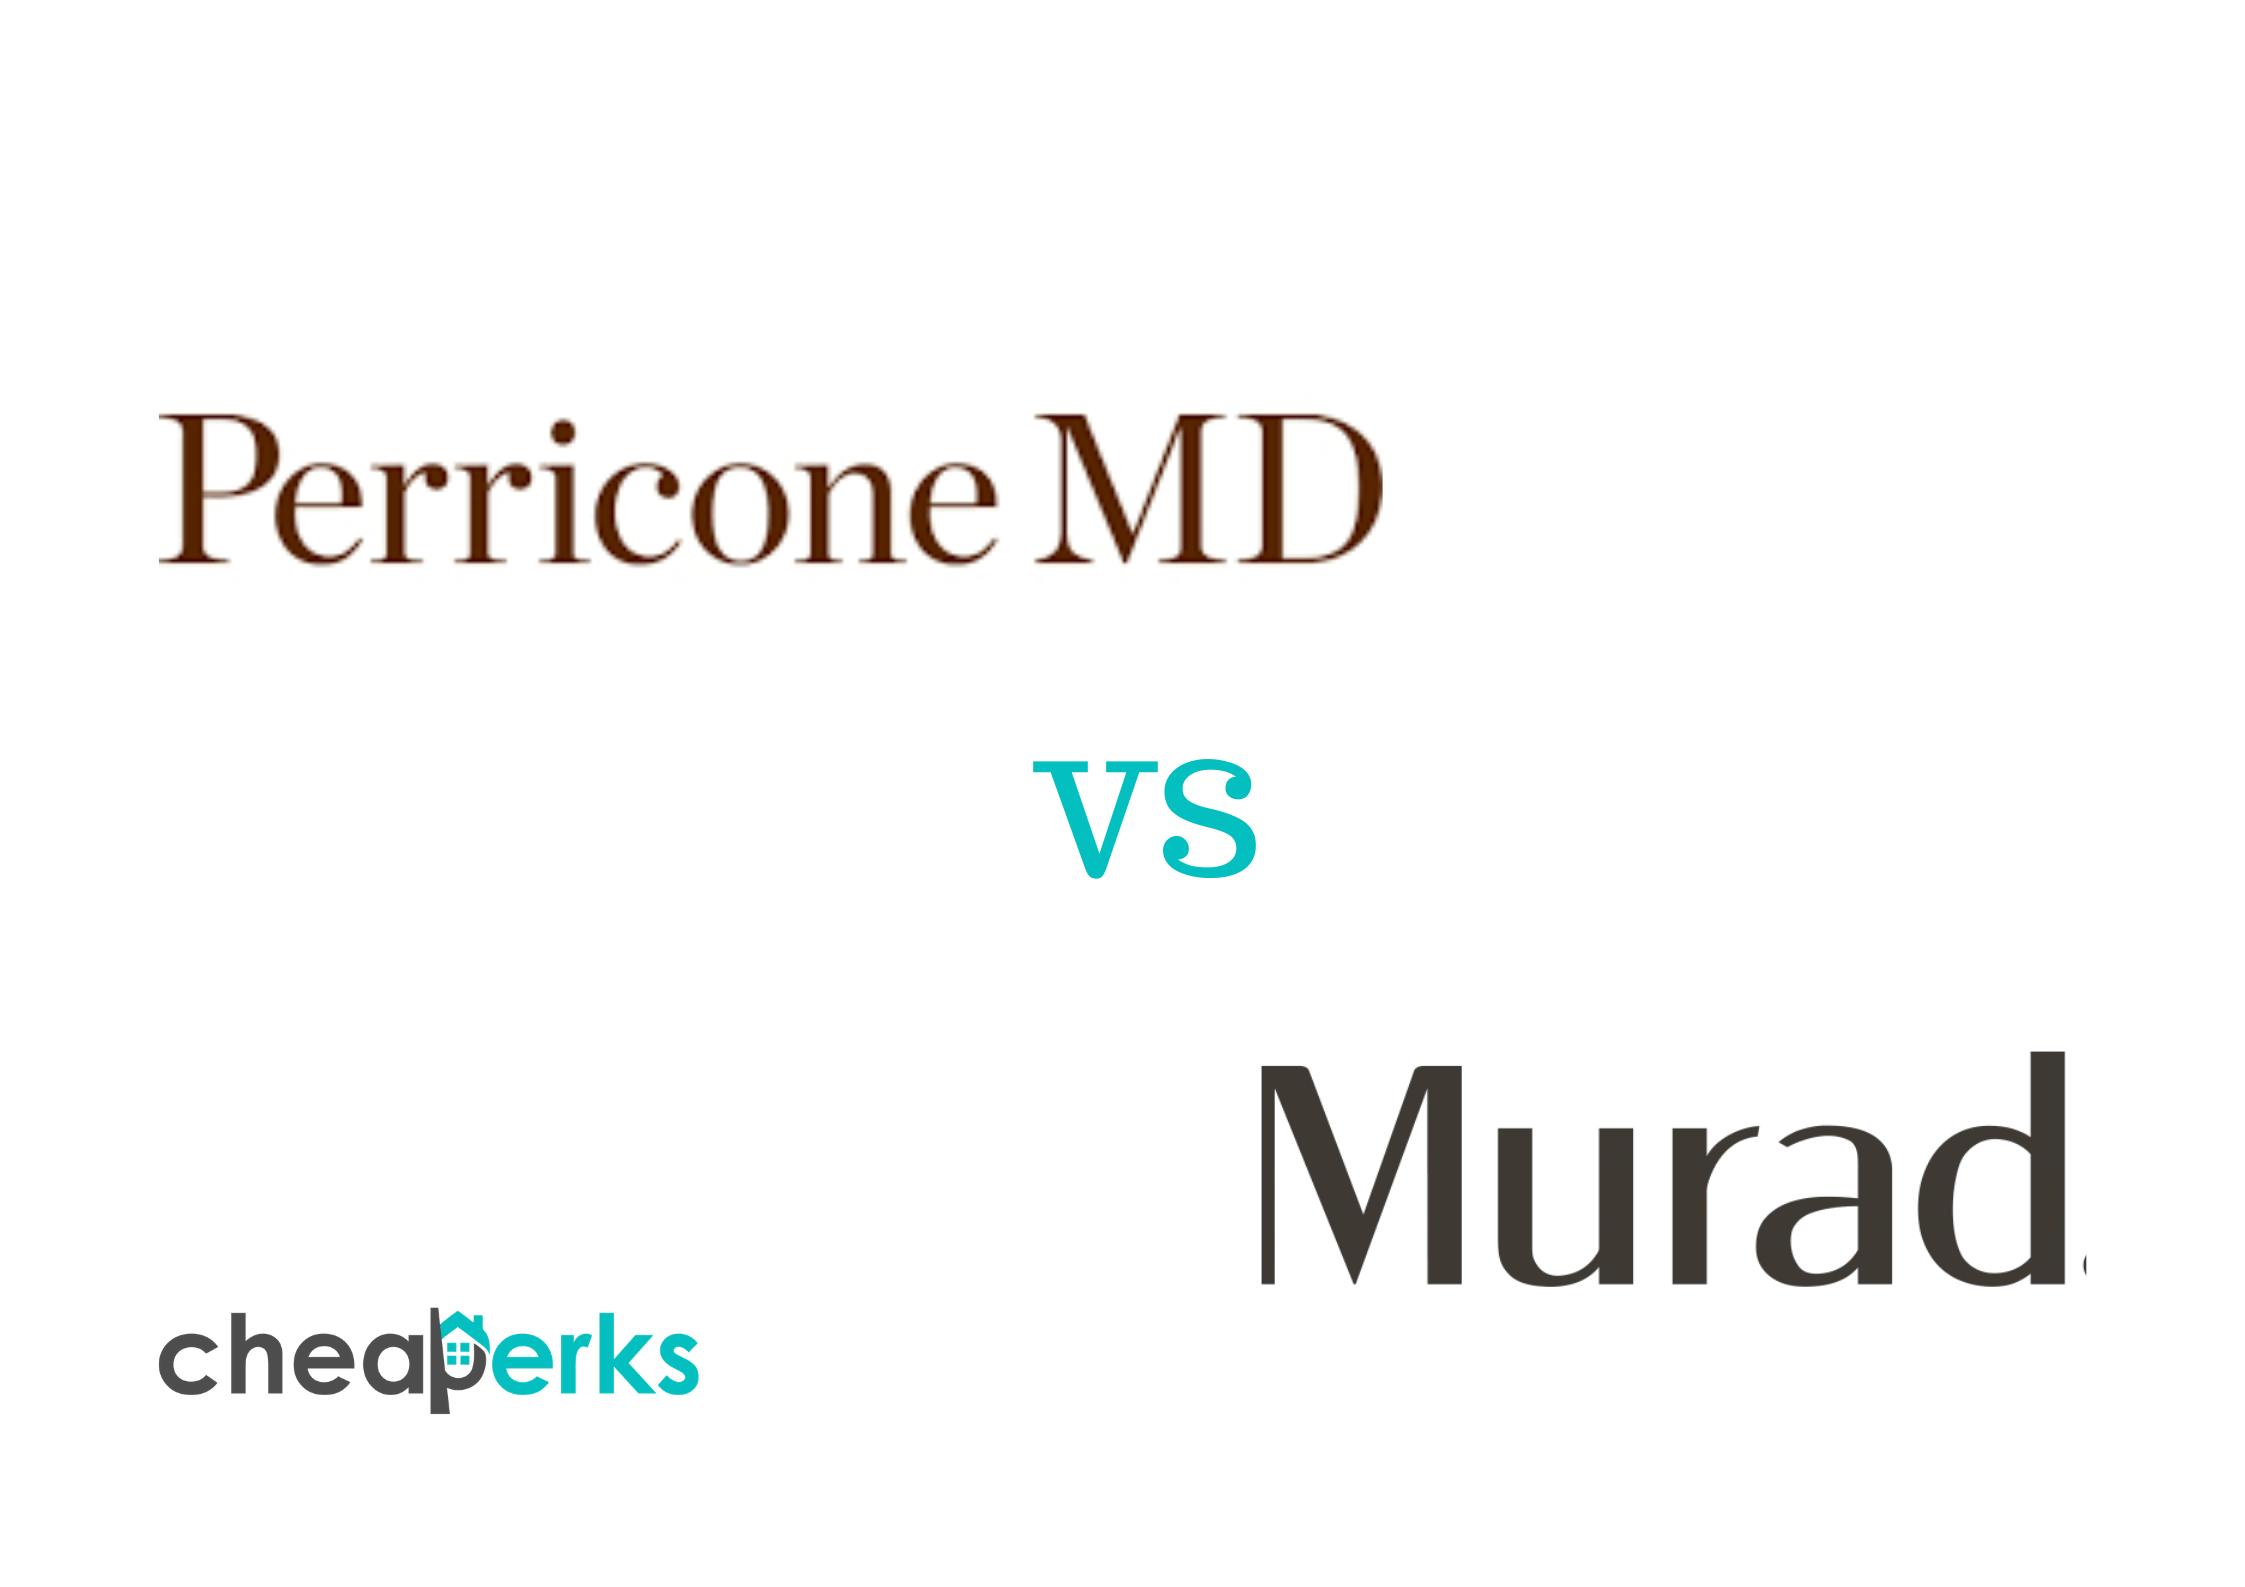 perricone md vs murad